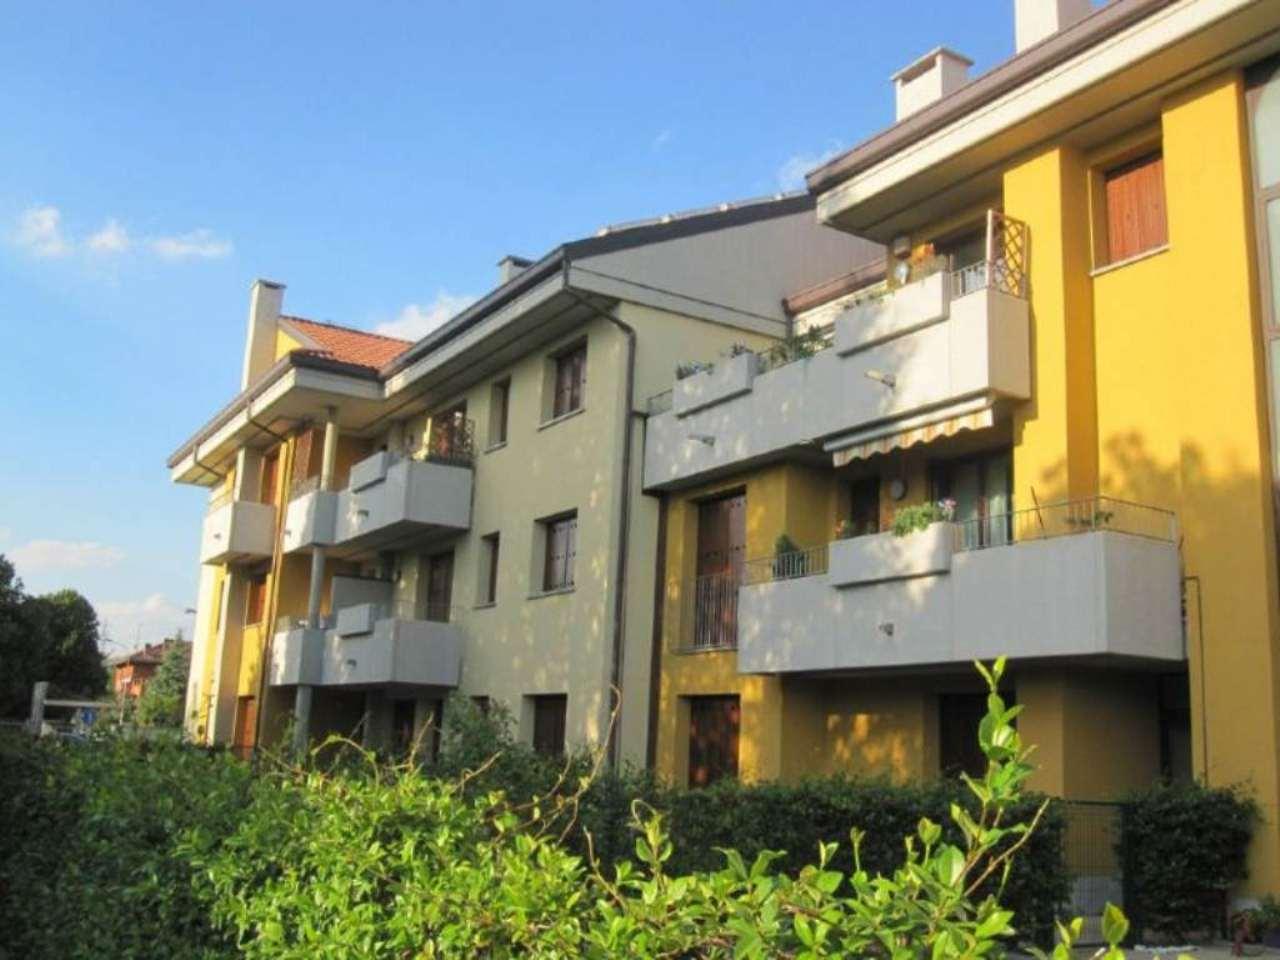 Appartamento in vendita a Desio, 2 locali, prezzo € 171.000 | Cambio Casa.it